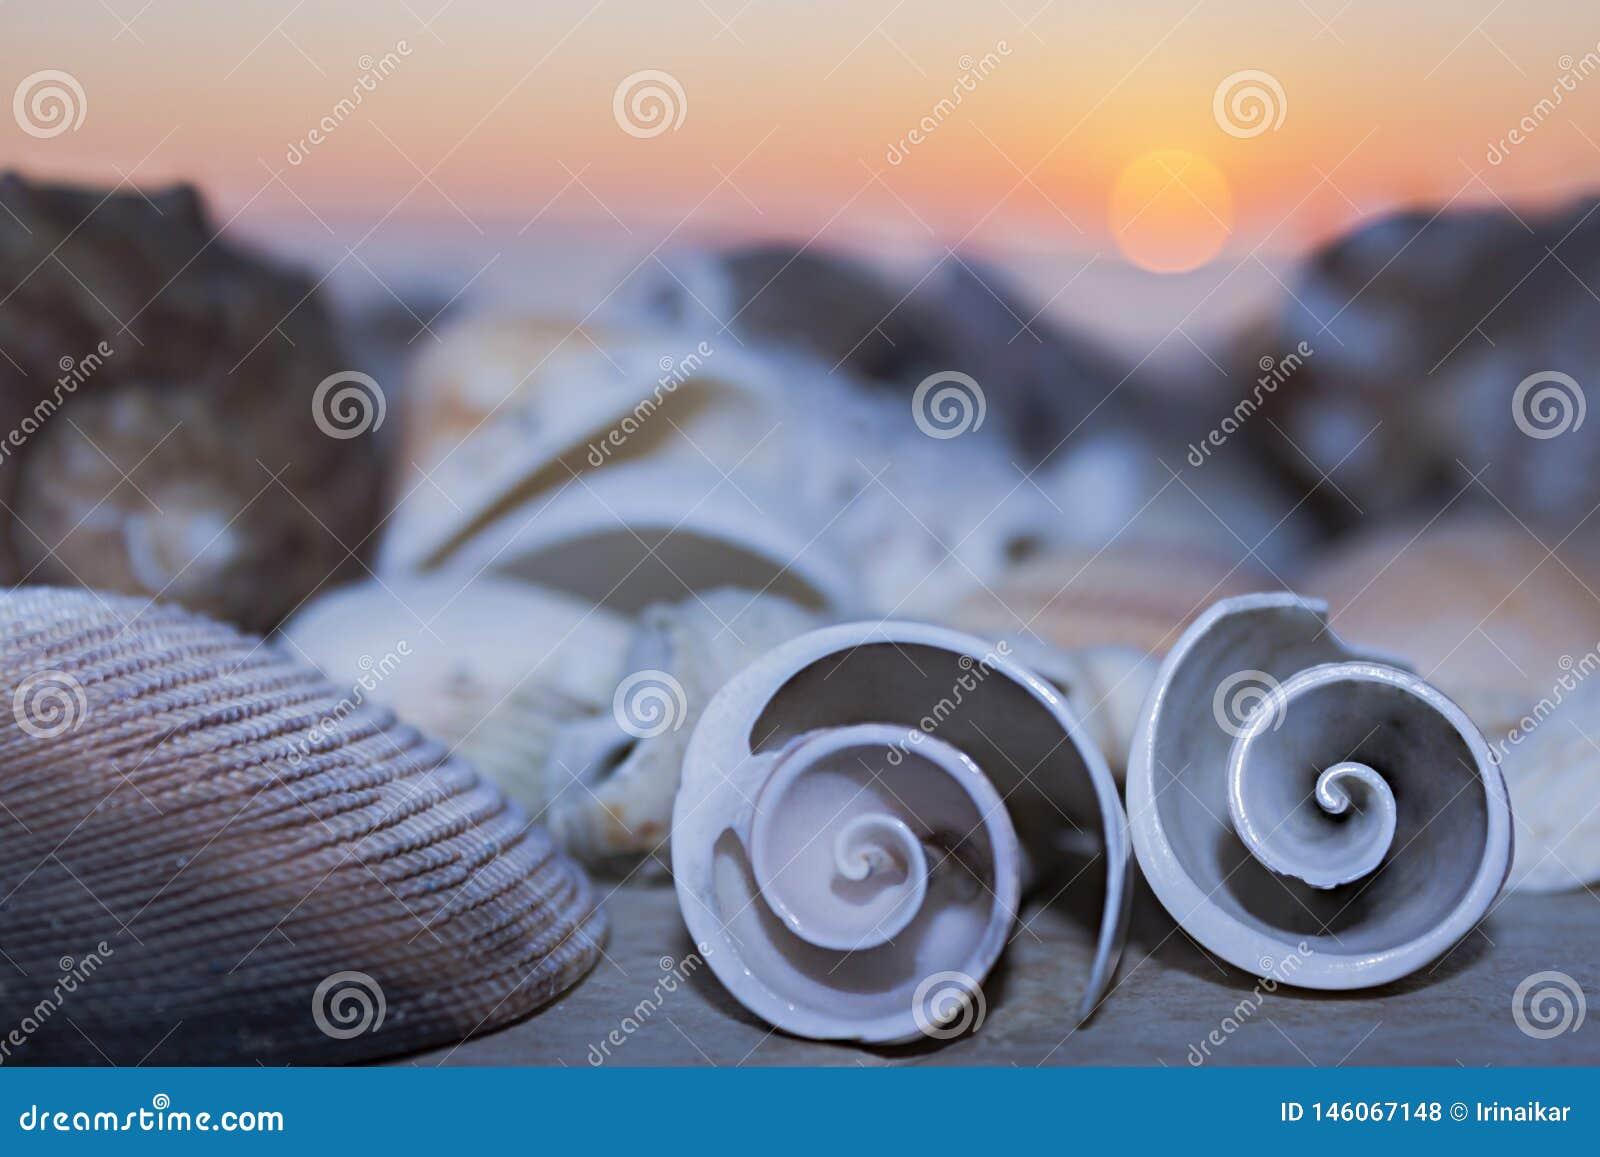 Μπούκλα δύο θαλασσινών κοχυλιών στο υπόβαθρο της θάλασσας και του ηλιοβασιλέματος στο σούρουπο